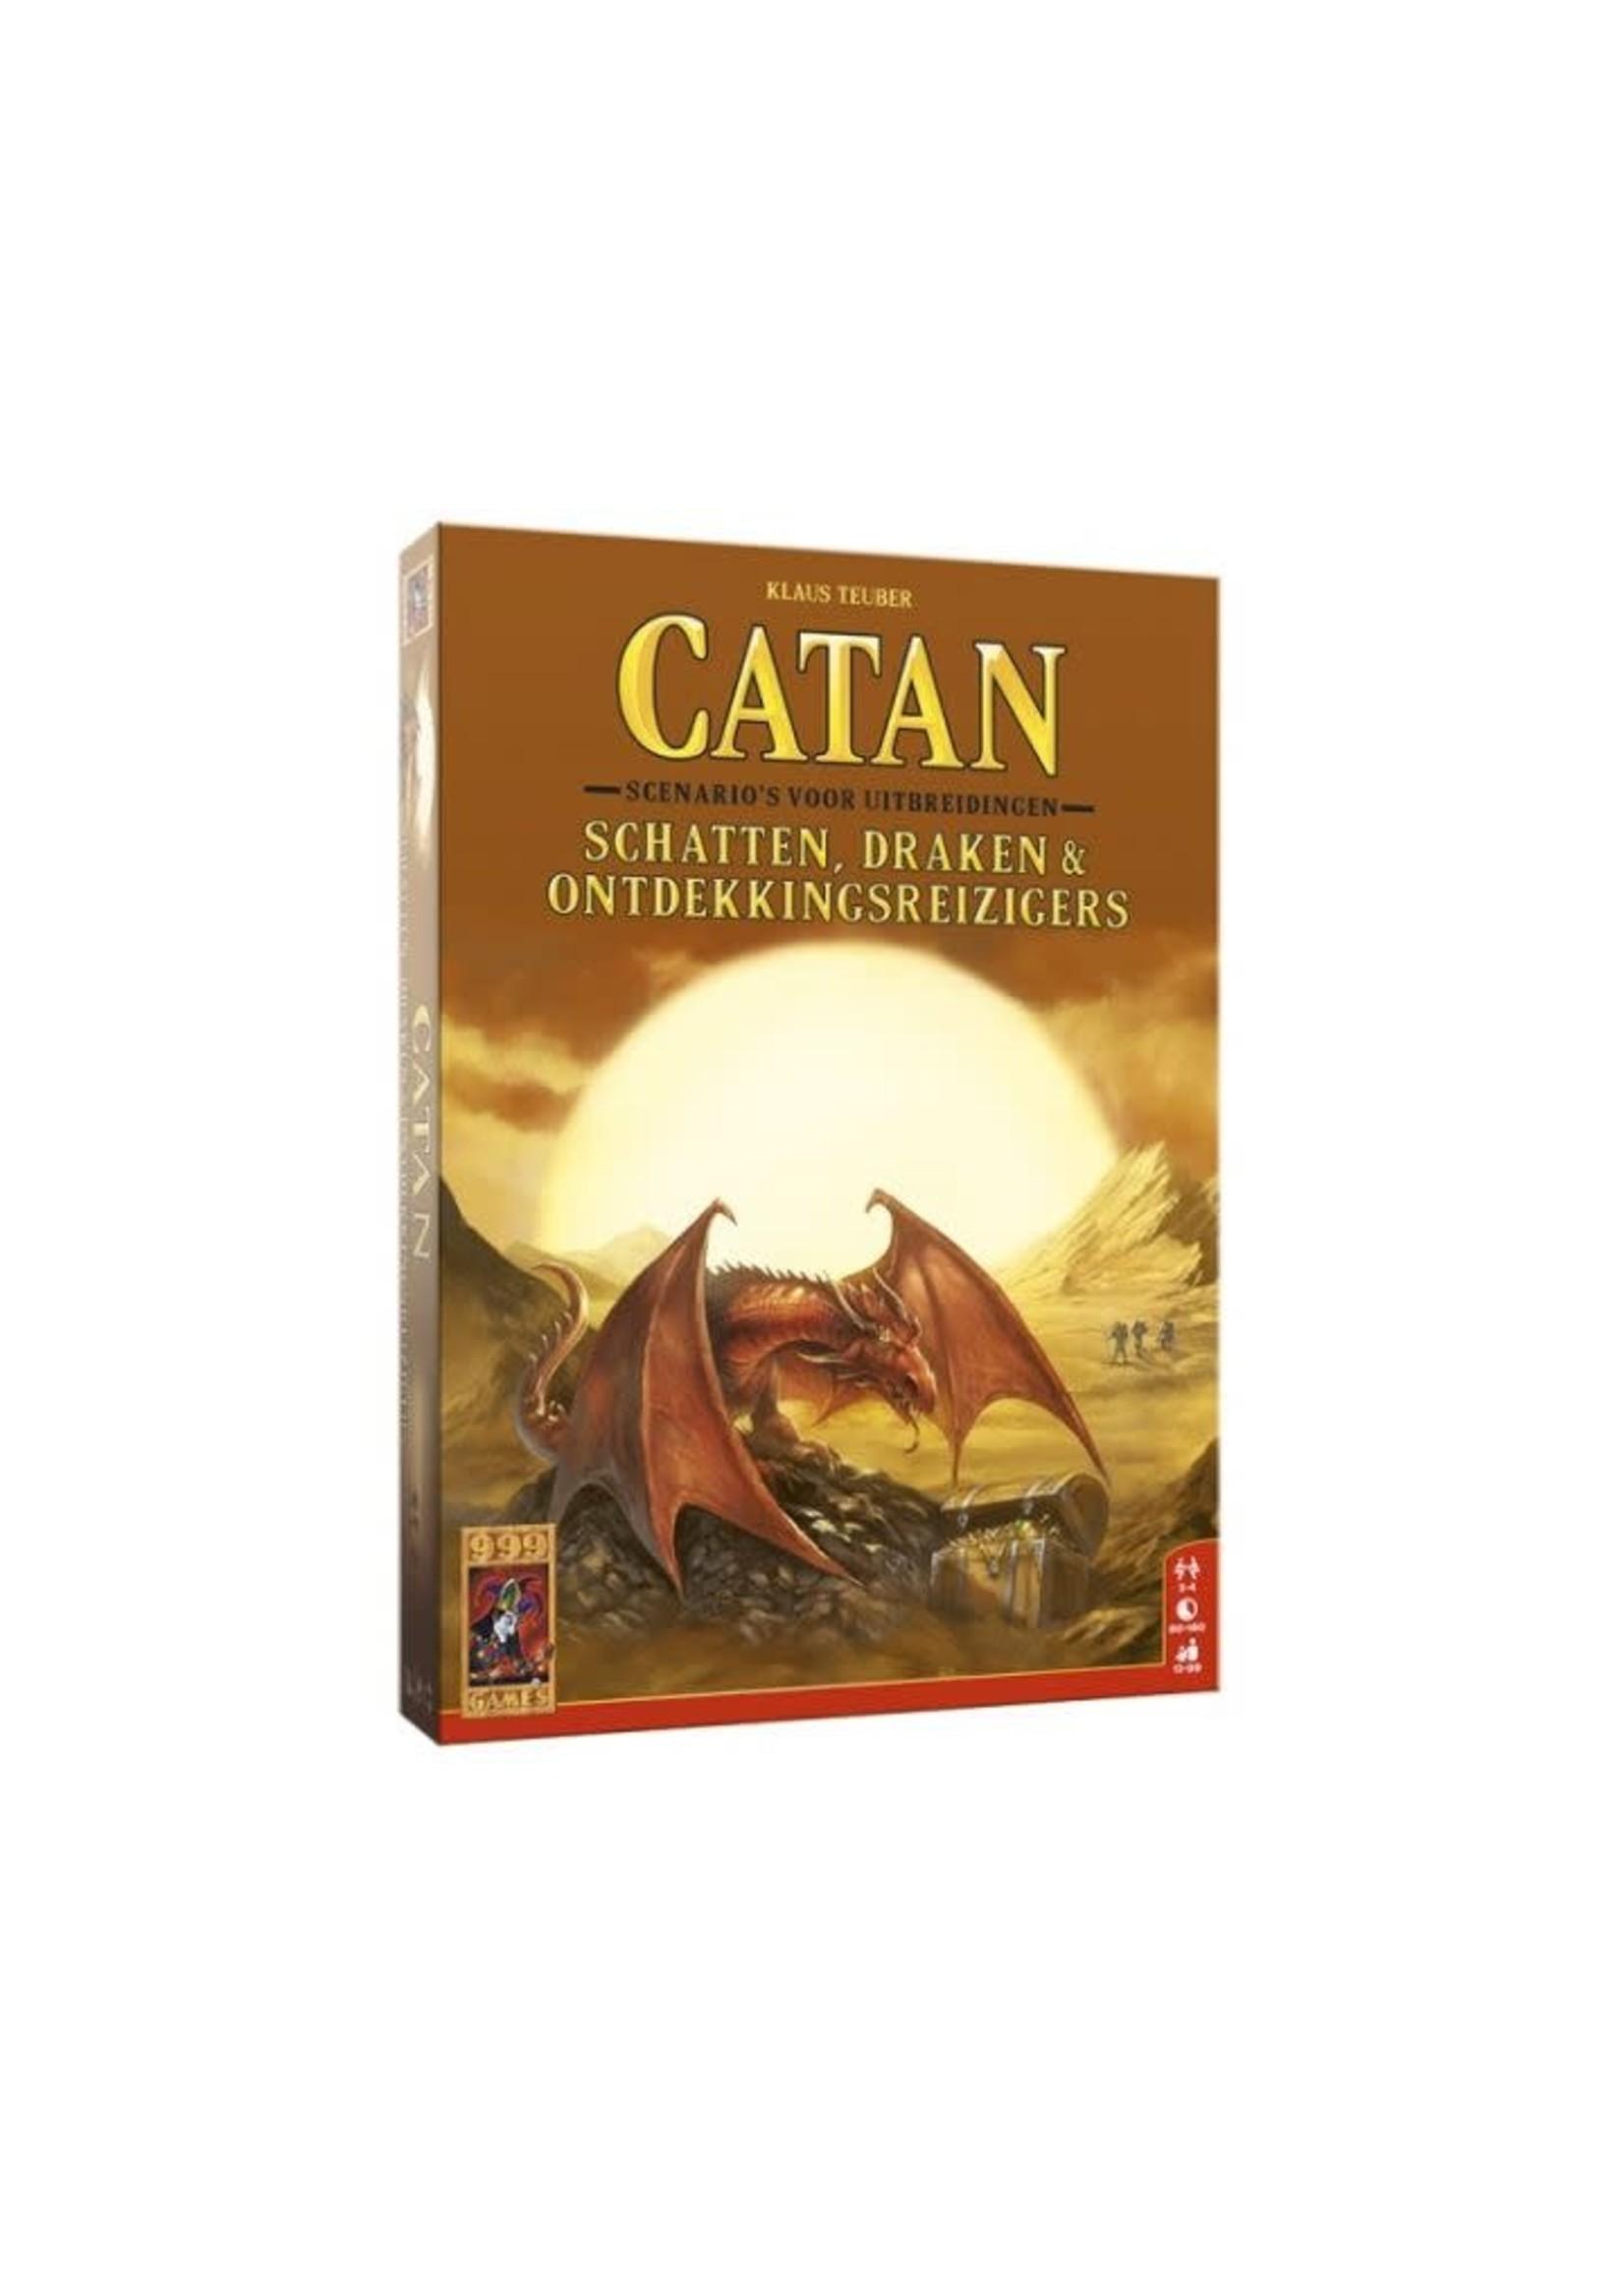 Catan Scenario'S Voor Uitbreidingen Schatten Draken & Ontdekkingsreizigers